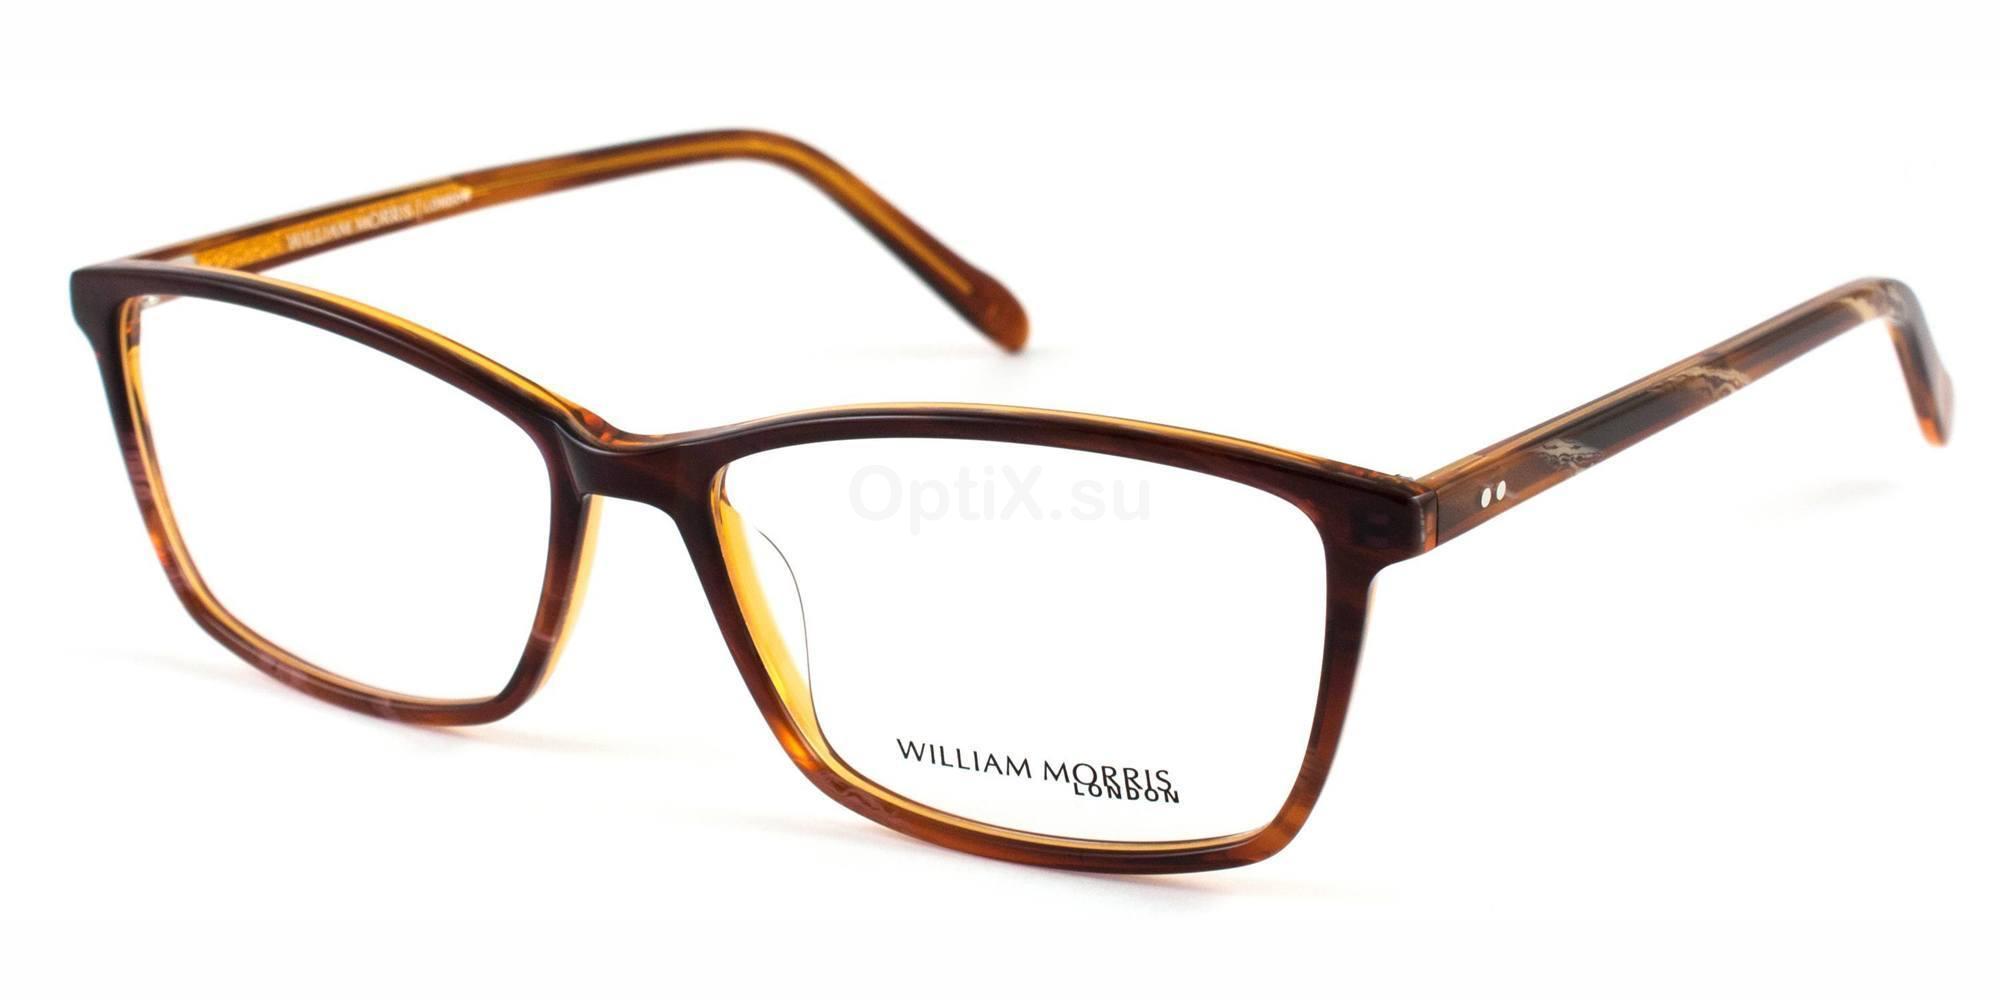 C1 WL2911 , William Morris London